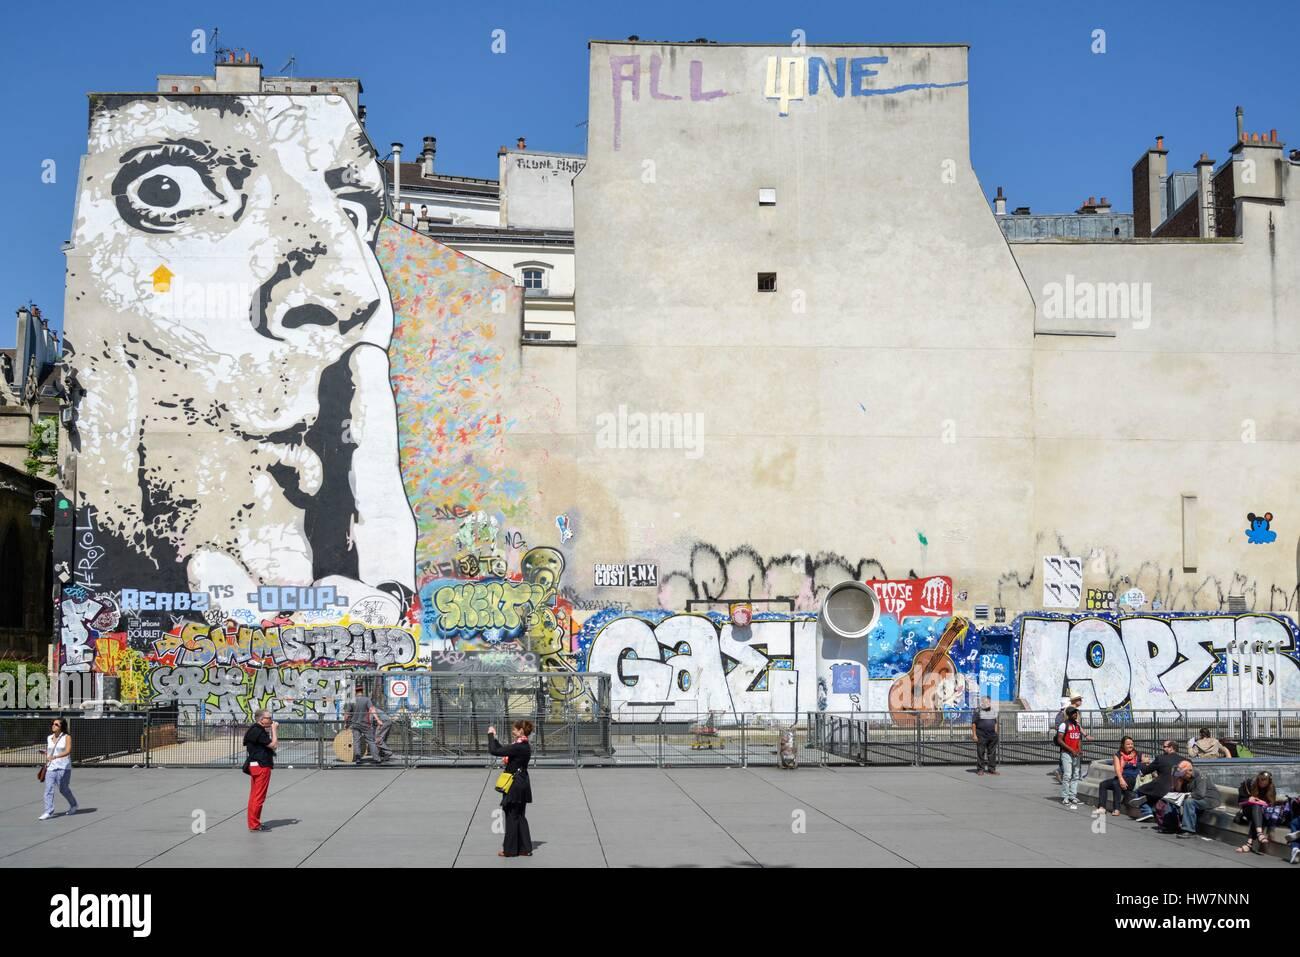 Francia, Parigi, Place Igor Stravinsky, andare e venire dal walkers davanti a una parete dipinta con un affresco Immagini Stock